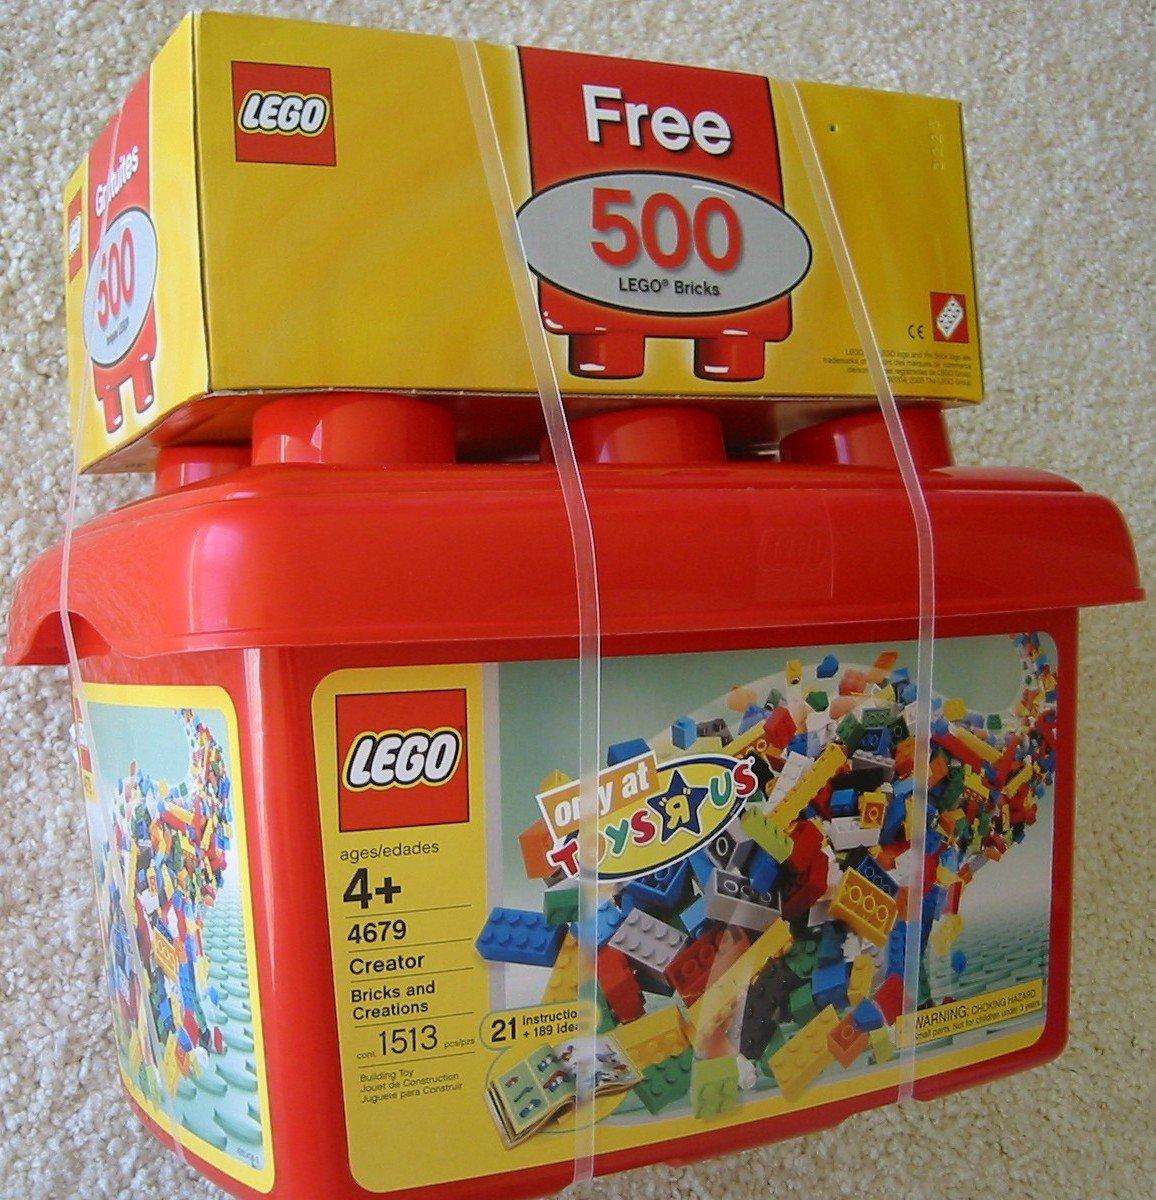 Amazon.com: LEGO Creator 4679 ladrillos y Creaciones tina ...